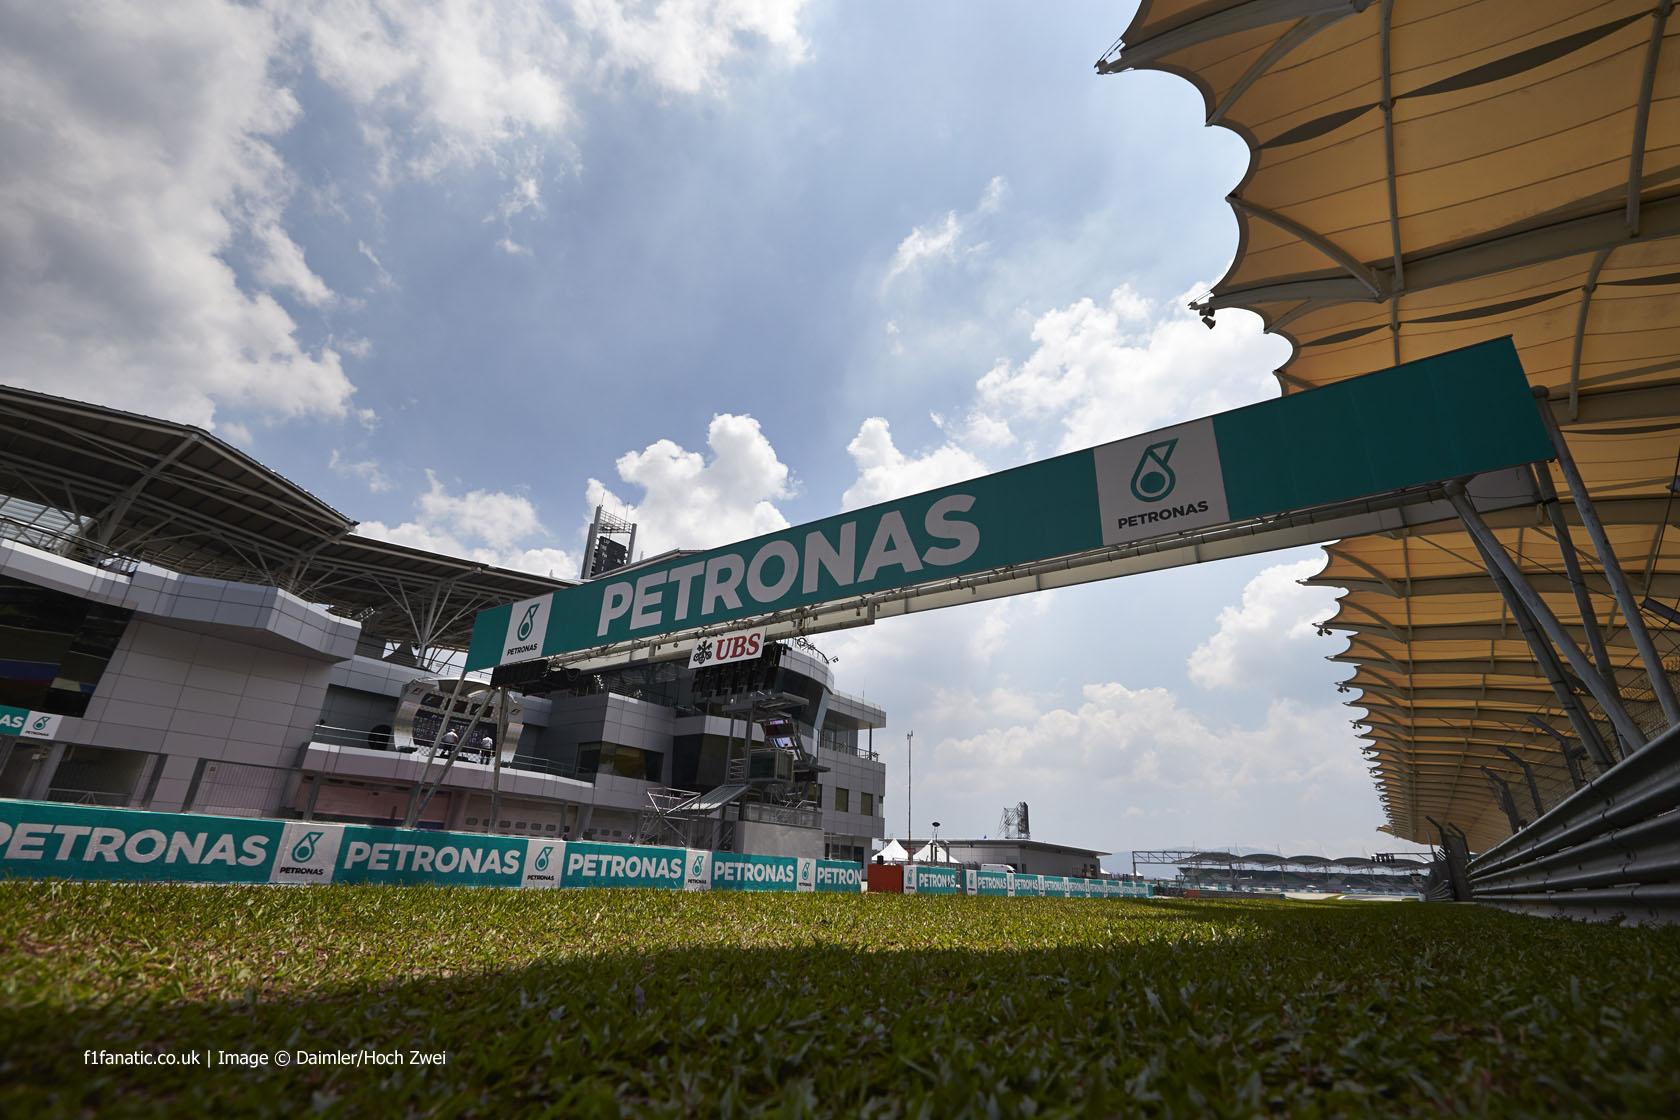 Starting gantry, Sepang International Circuit, 2014